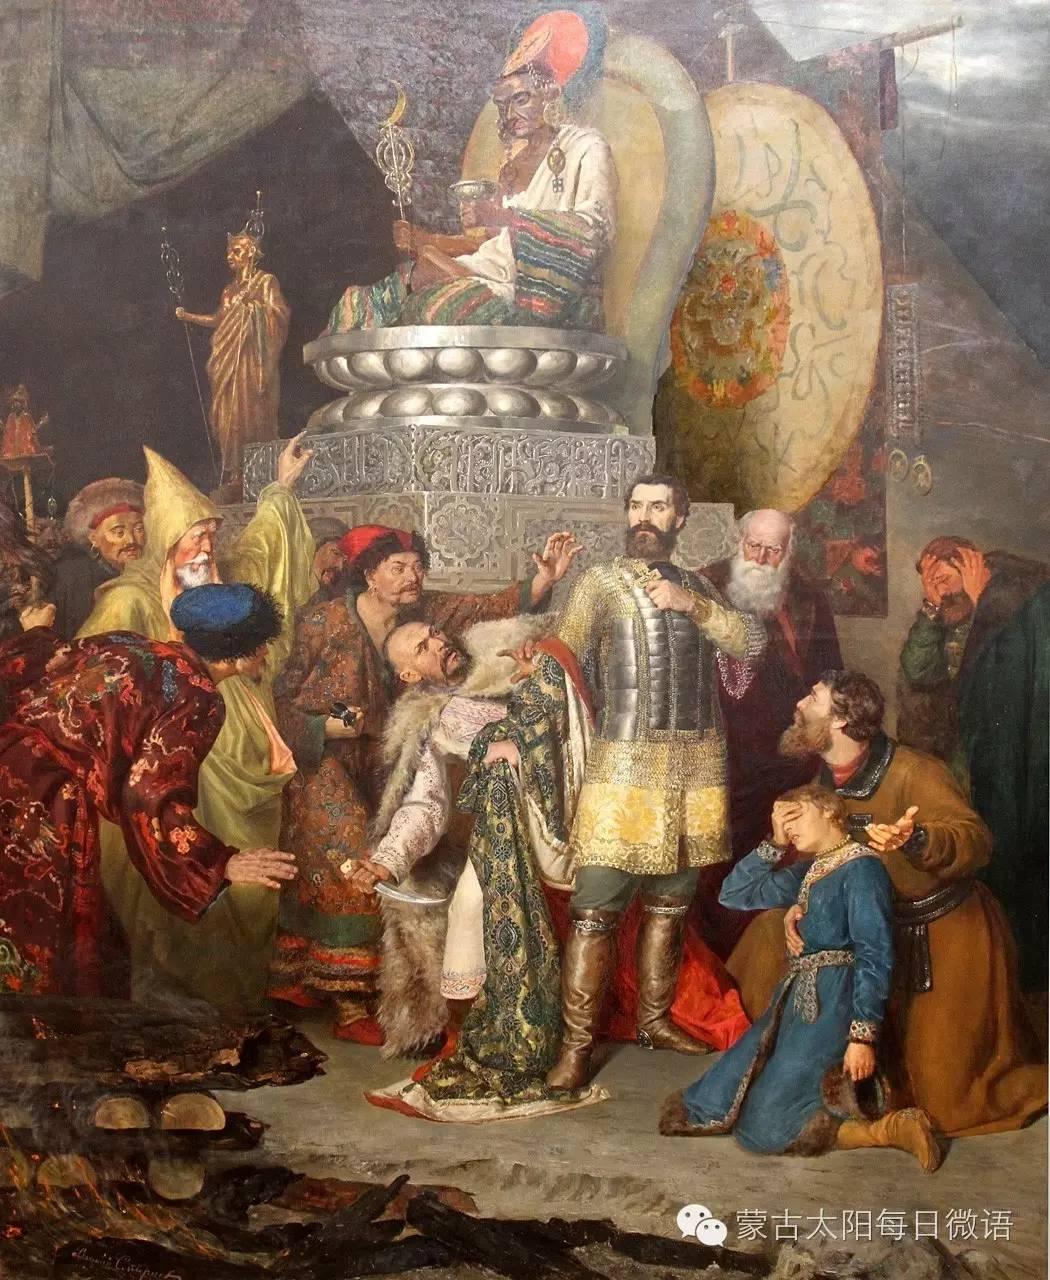 一个蒙古人眼中的欧洲  第32章 世界著名蒙古族画家费岳达尔•卡尔梅克 第24张 一个蒙古人眼中的欧洲  第32章 世界著名蒙古族画家费岳达尔•卡尔梅克 蒙古画廊